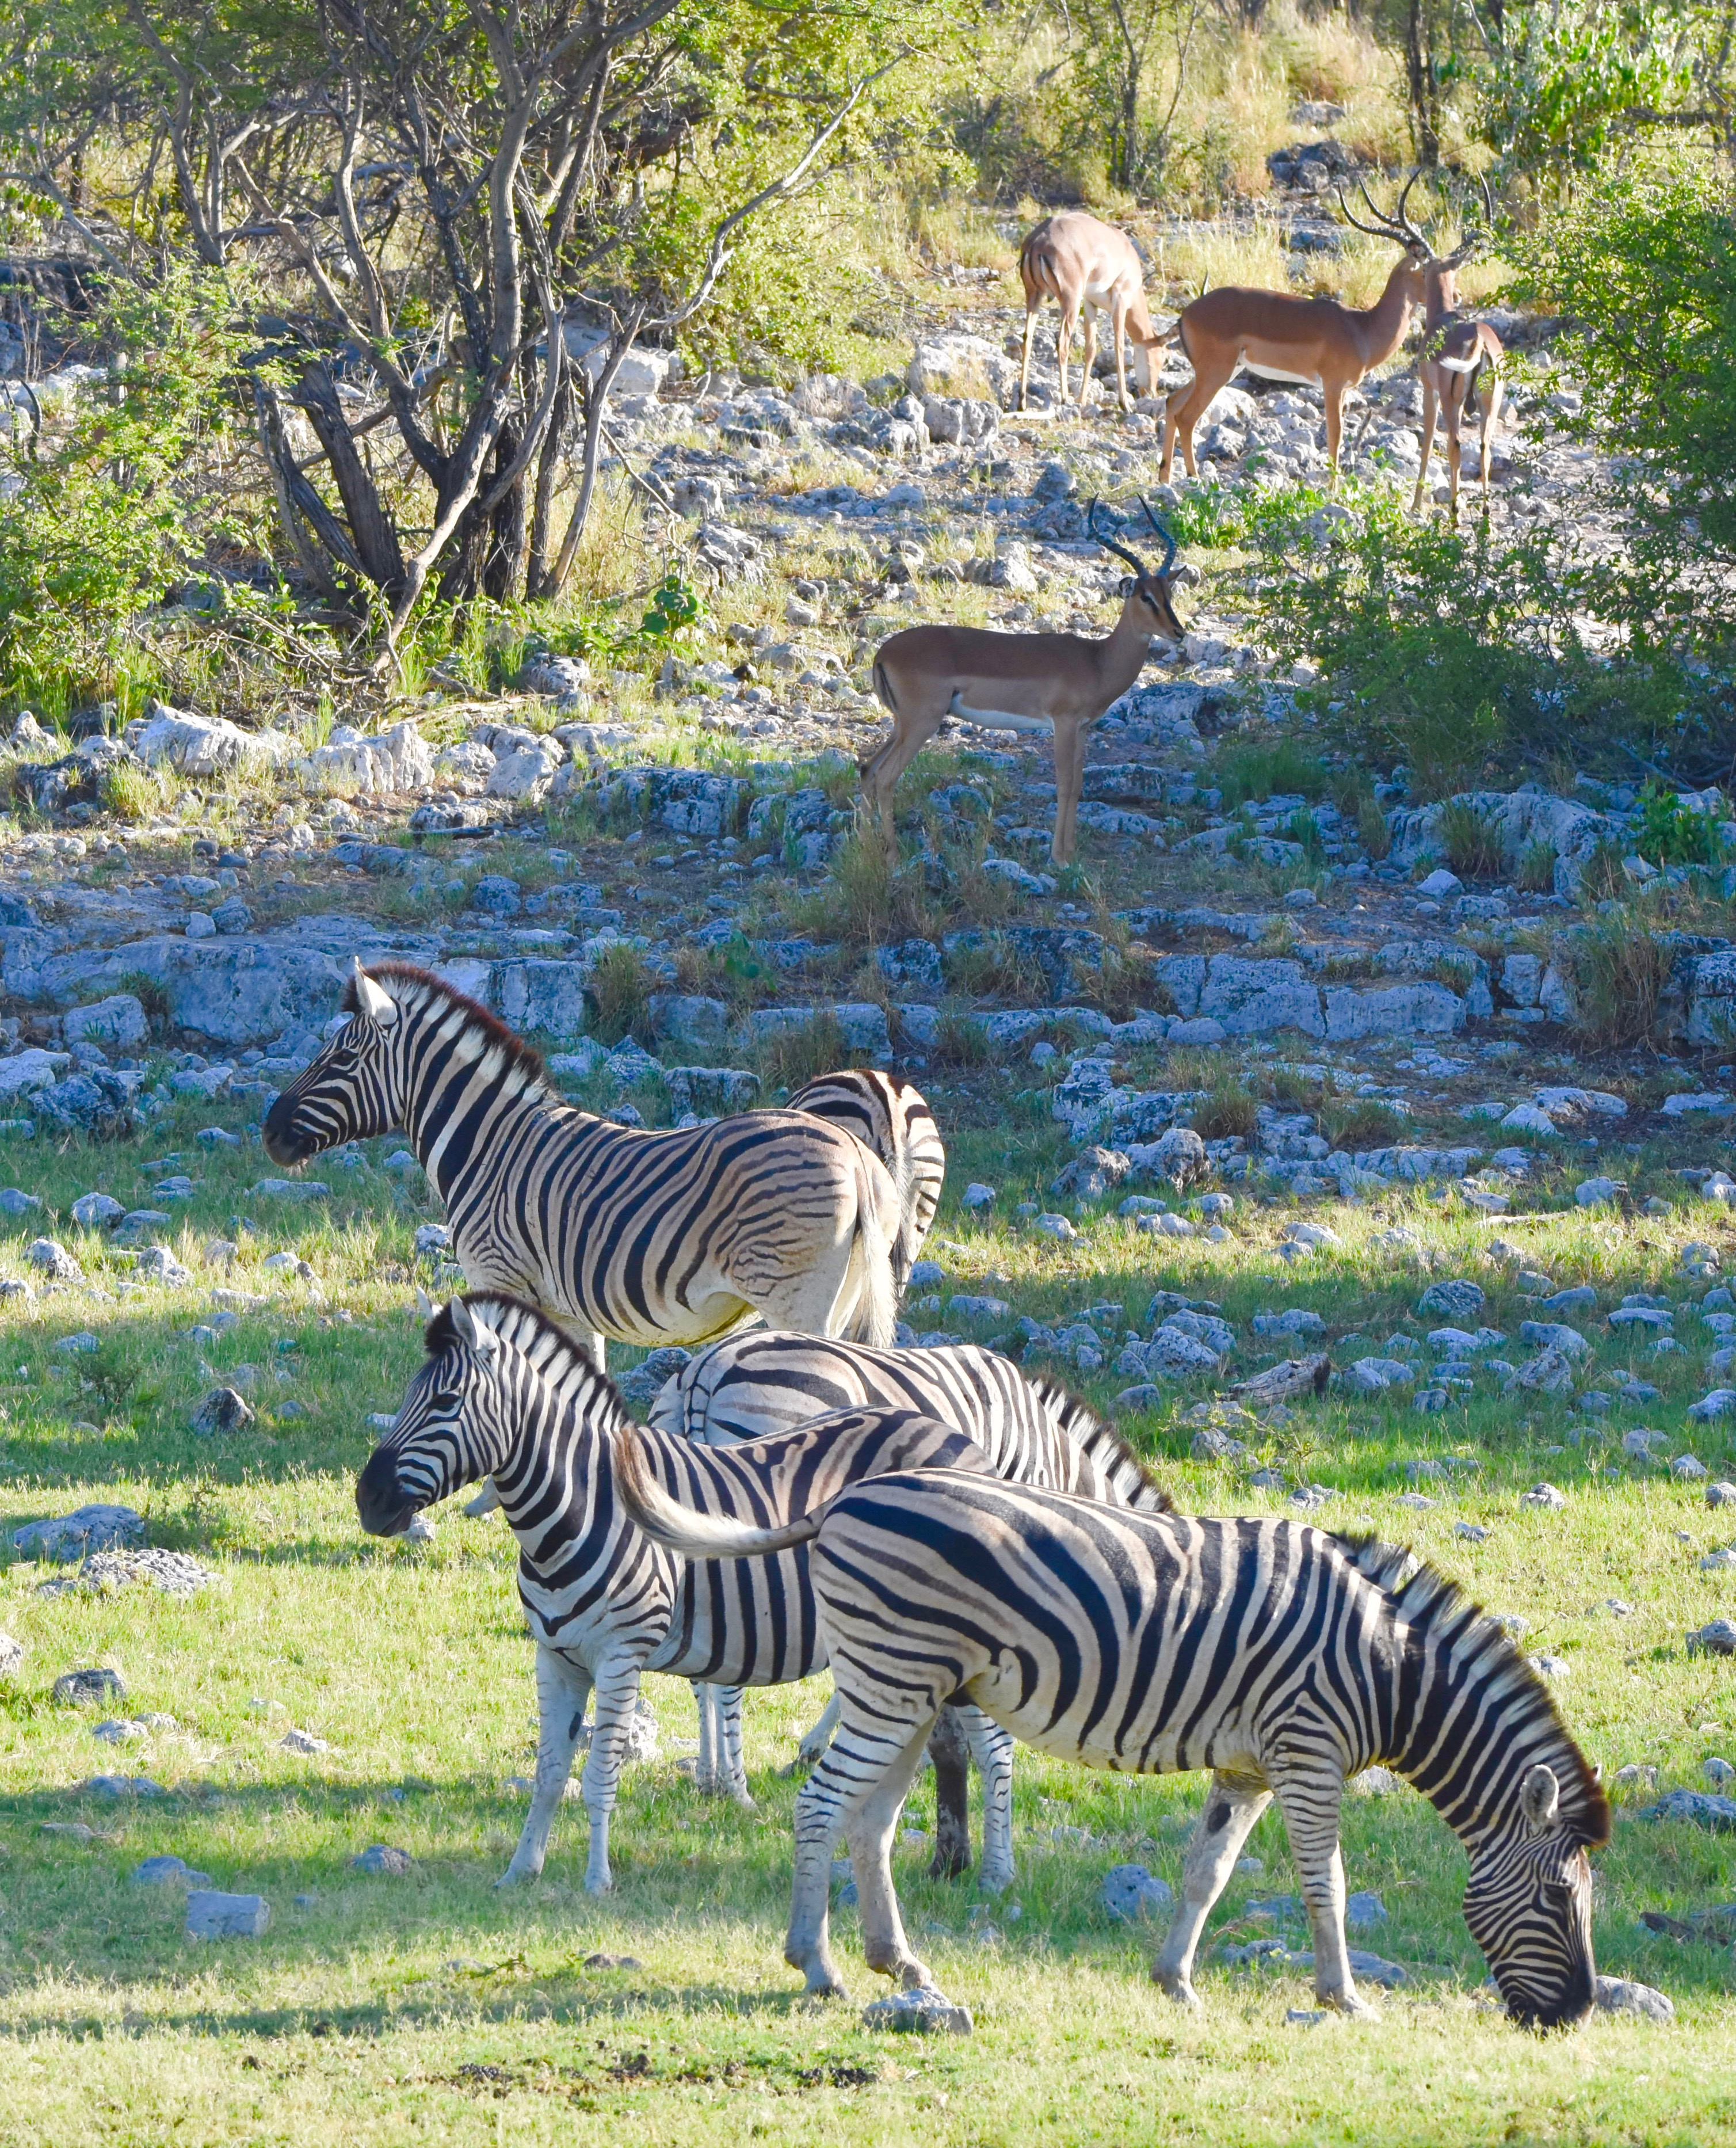 Zebras & Impalas, Etosha Water Holes